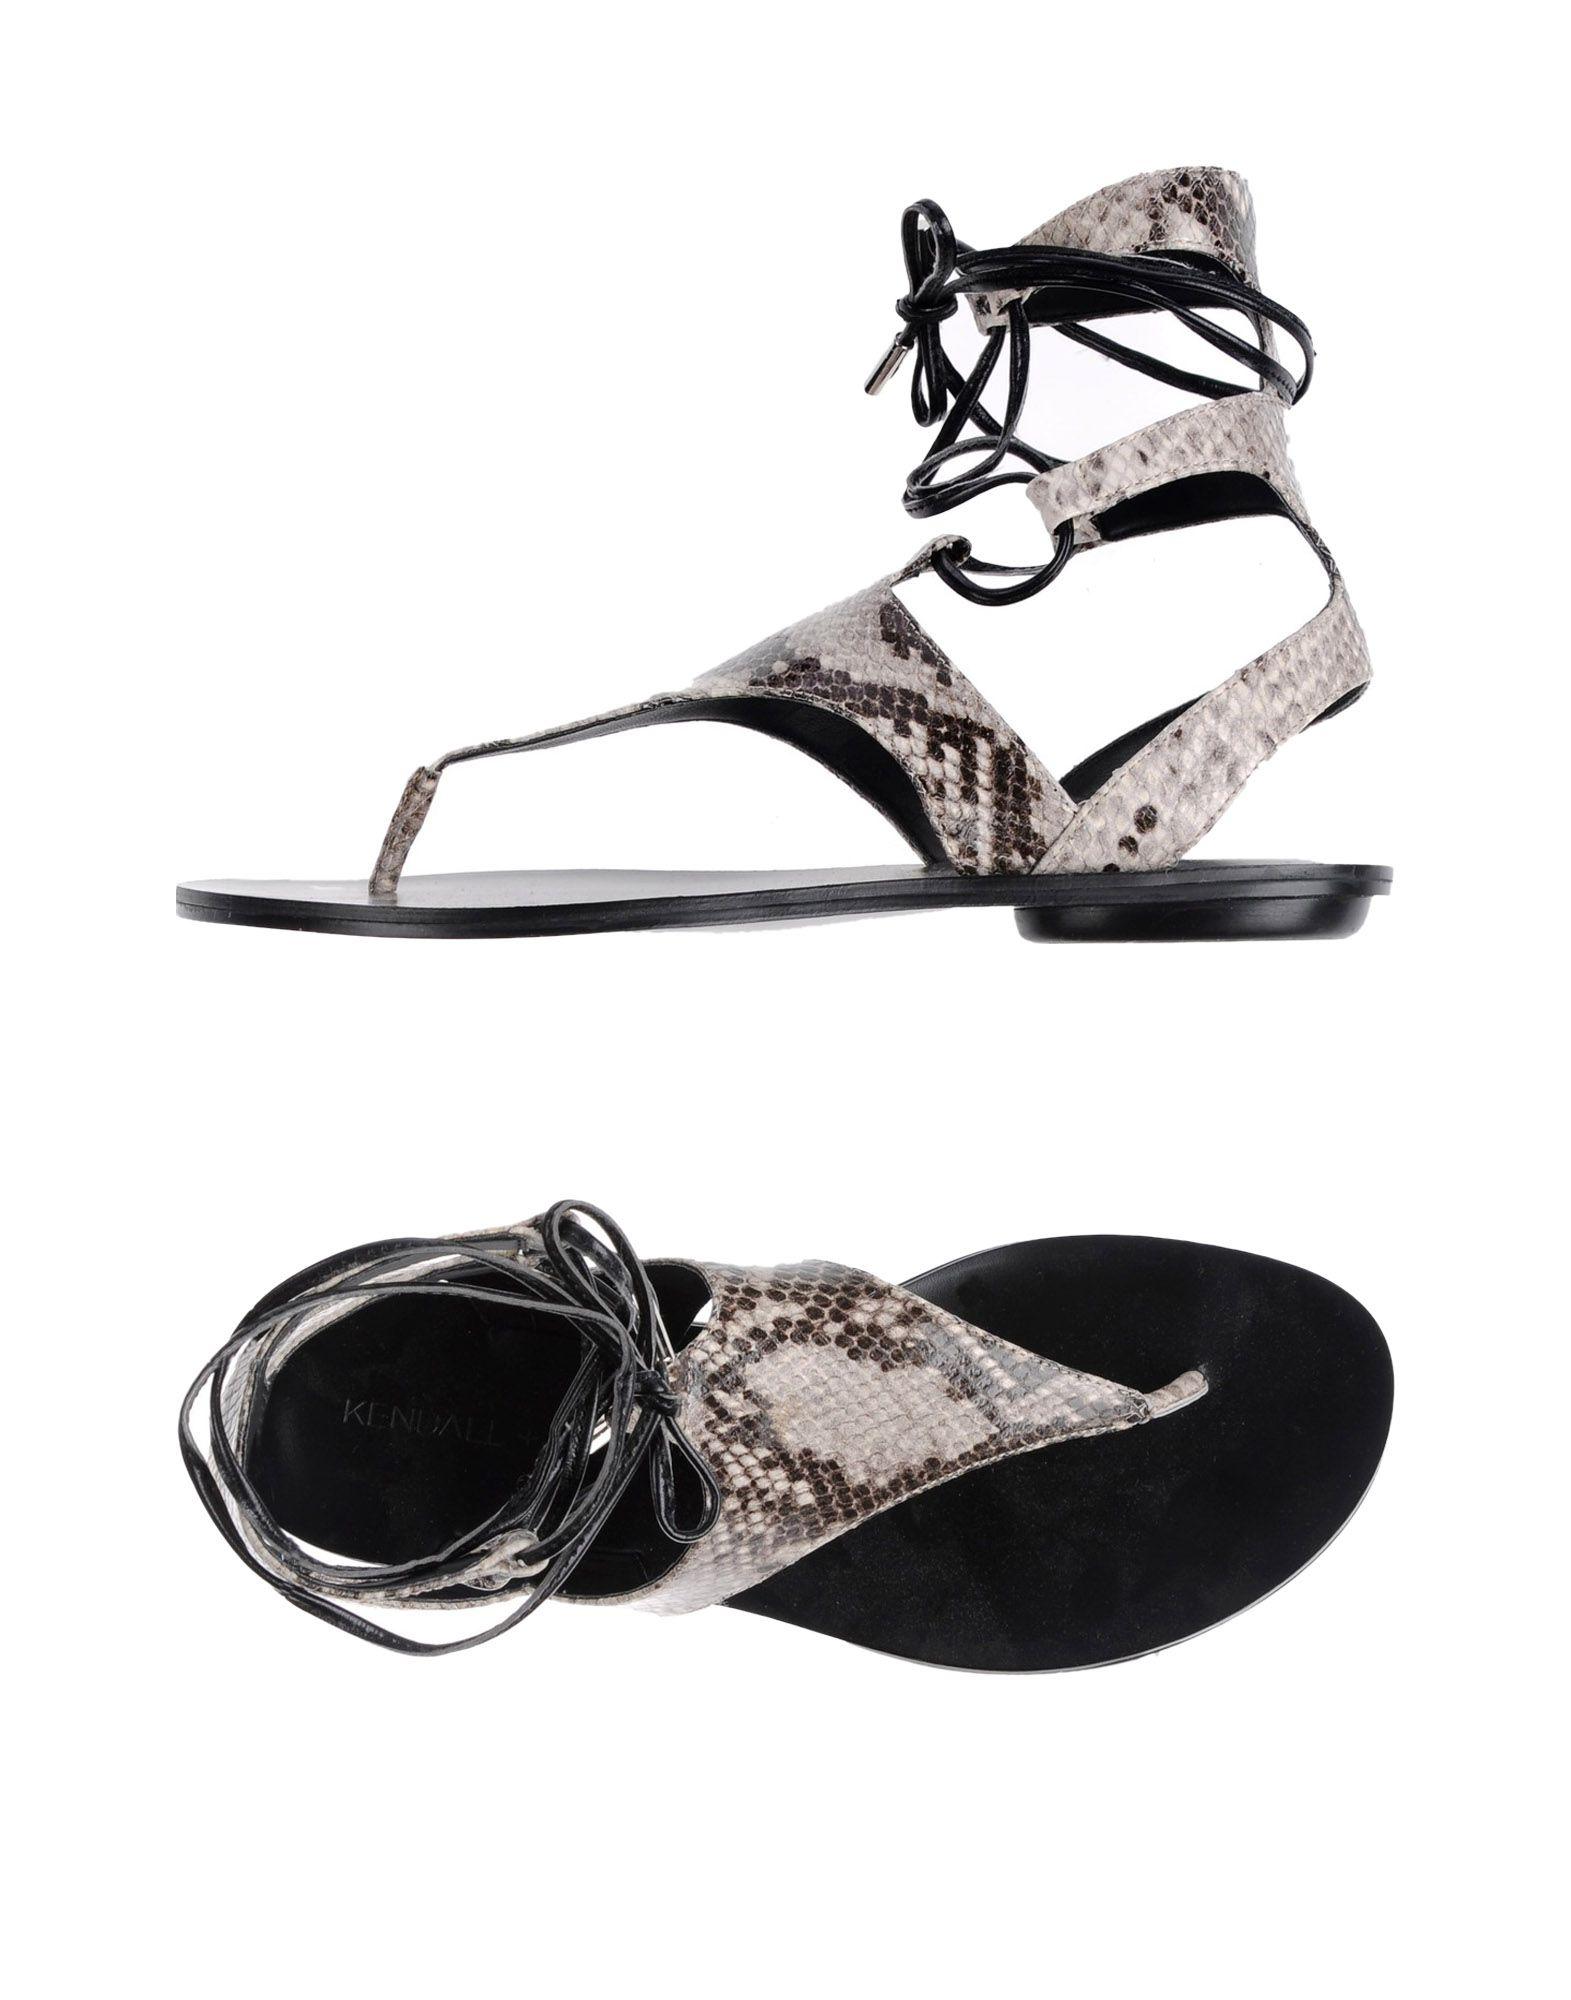 Kendall + Kylie Dianetten Damen beliebte  11131552VU Gute Qualität beliebte Damen Schuhe 986abb